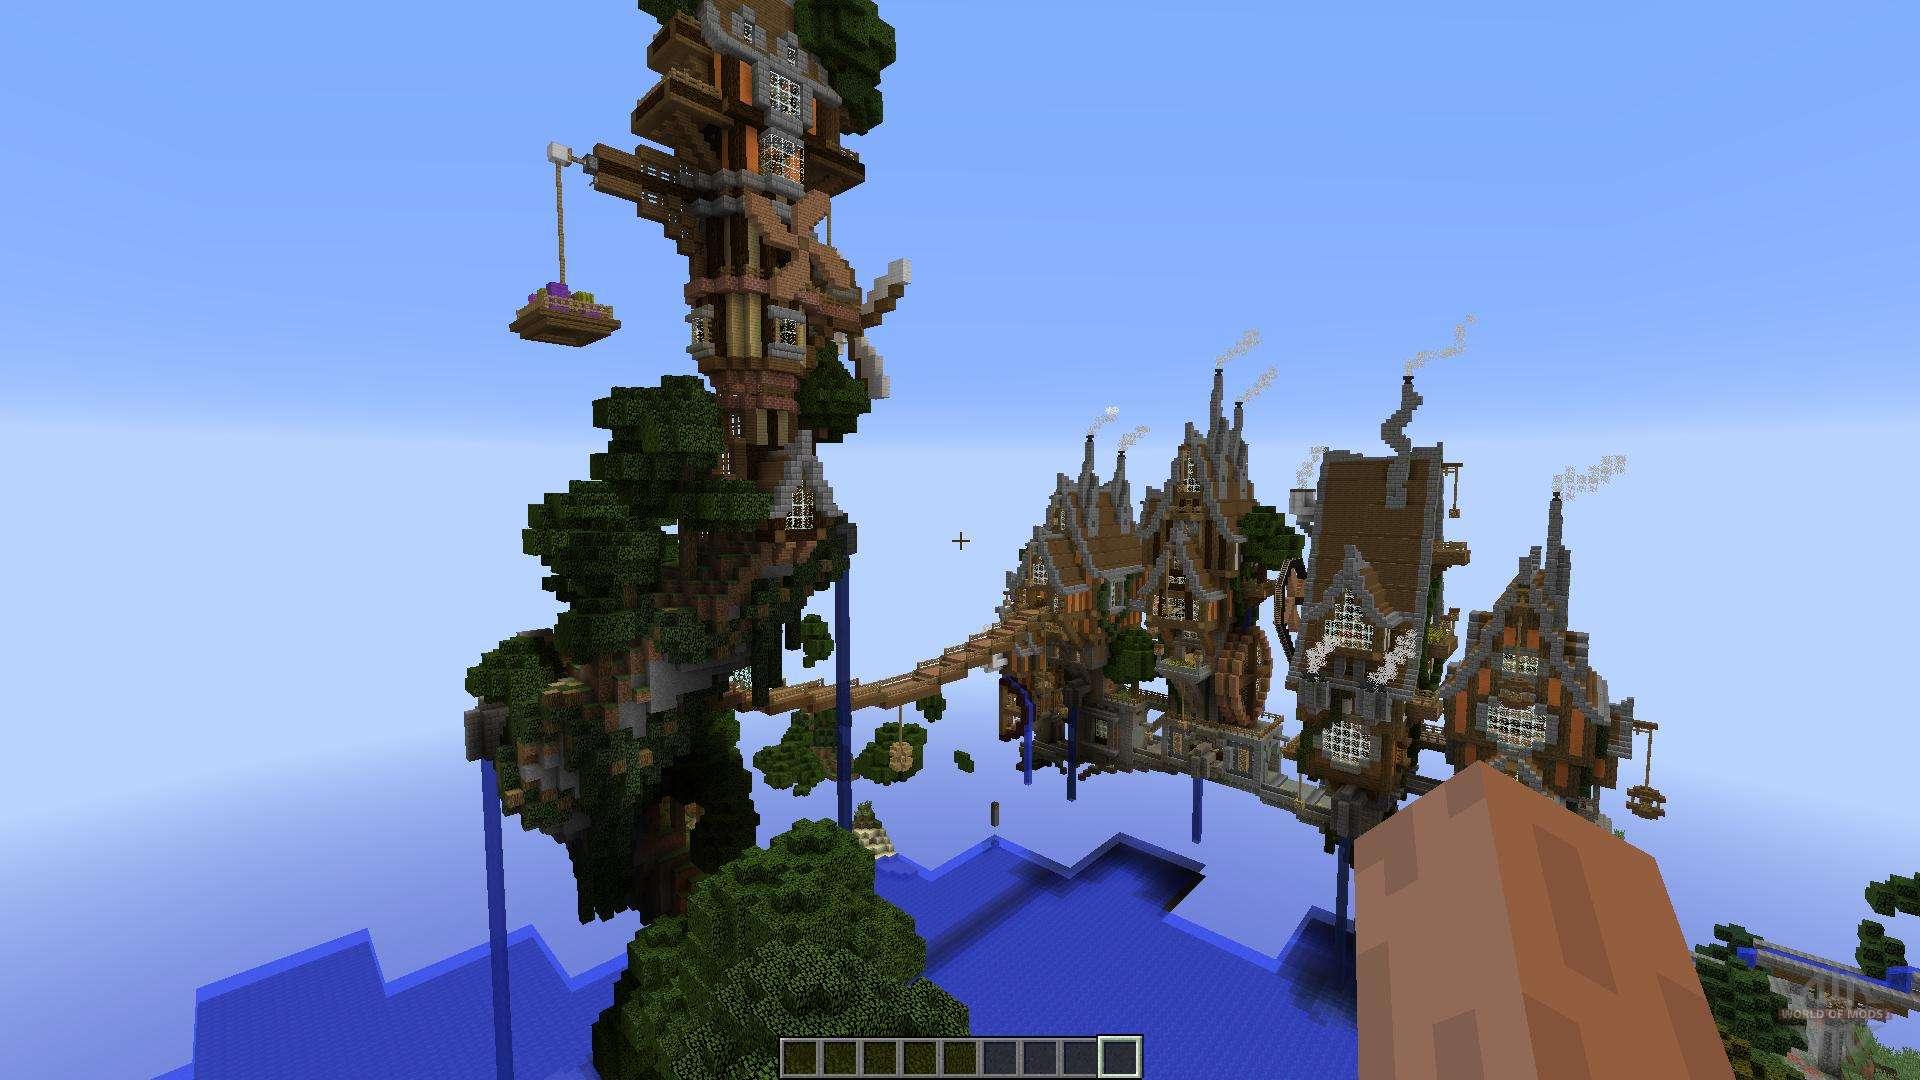 Karte Minecraft.Olann Insel Minecraft Karte Herunterladen Dowcsabkoti Gq